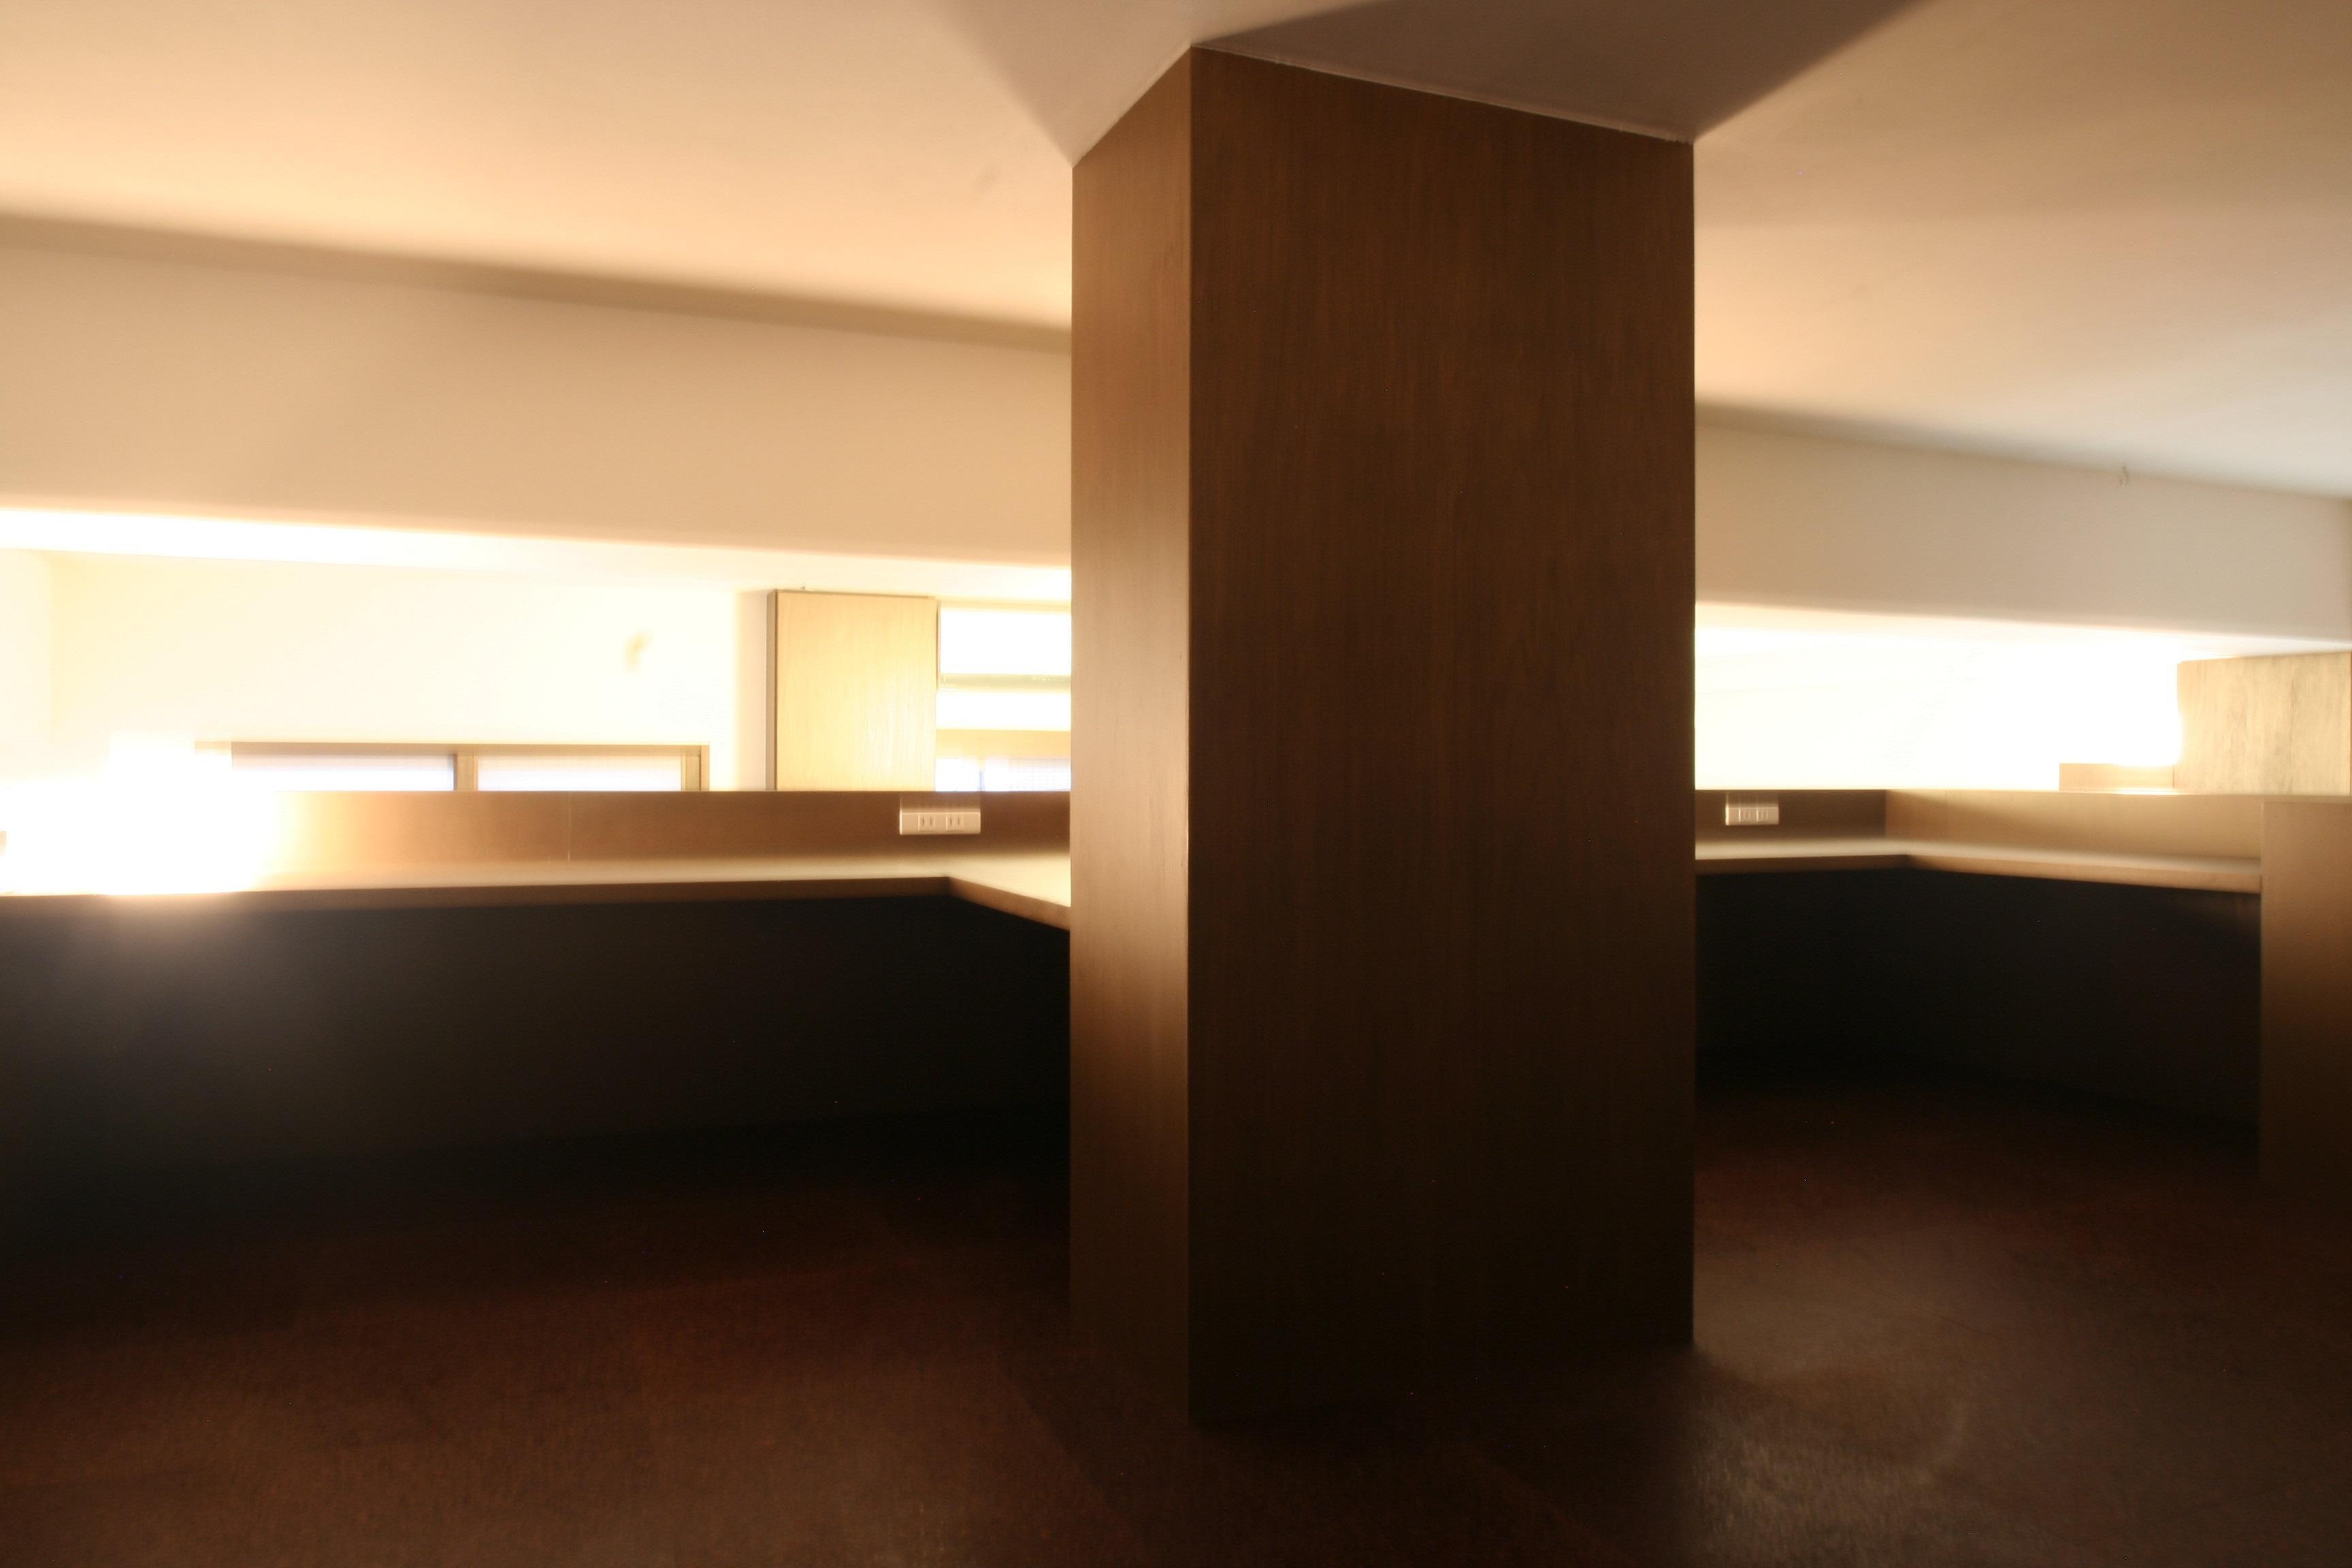 駒形-Mリフォームの部屋 広々としたロフト